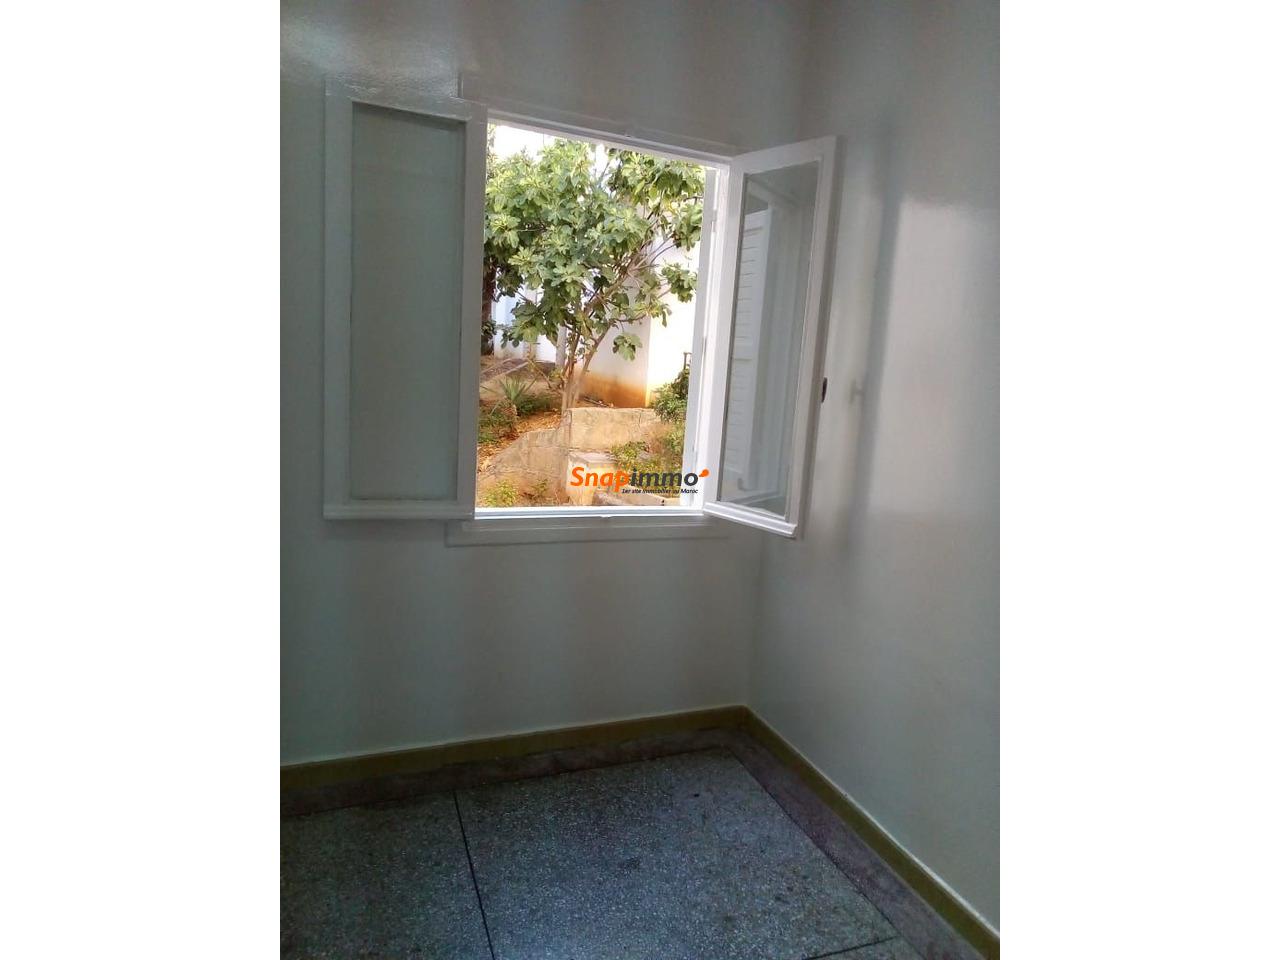 Appartement à louer par mois à Rabat - 4/4